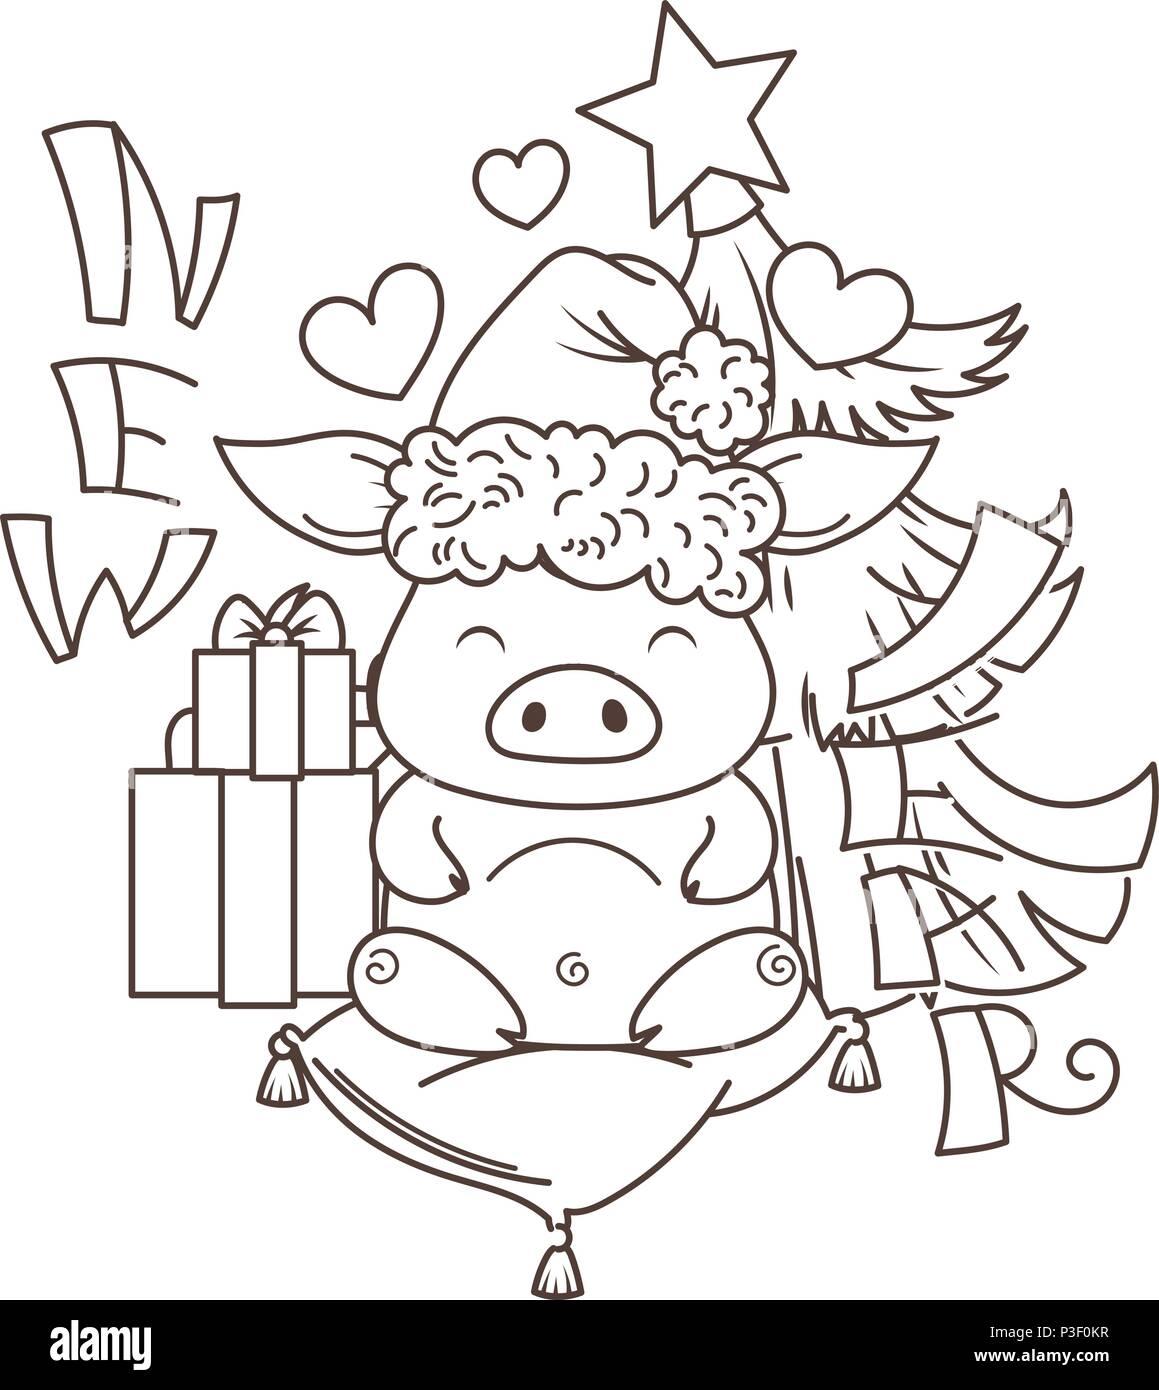 Поздравление, картинки карандашом с новым годом 2019 год свиньи прикольные